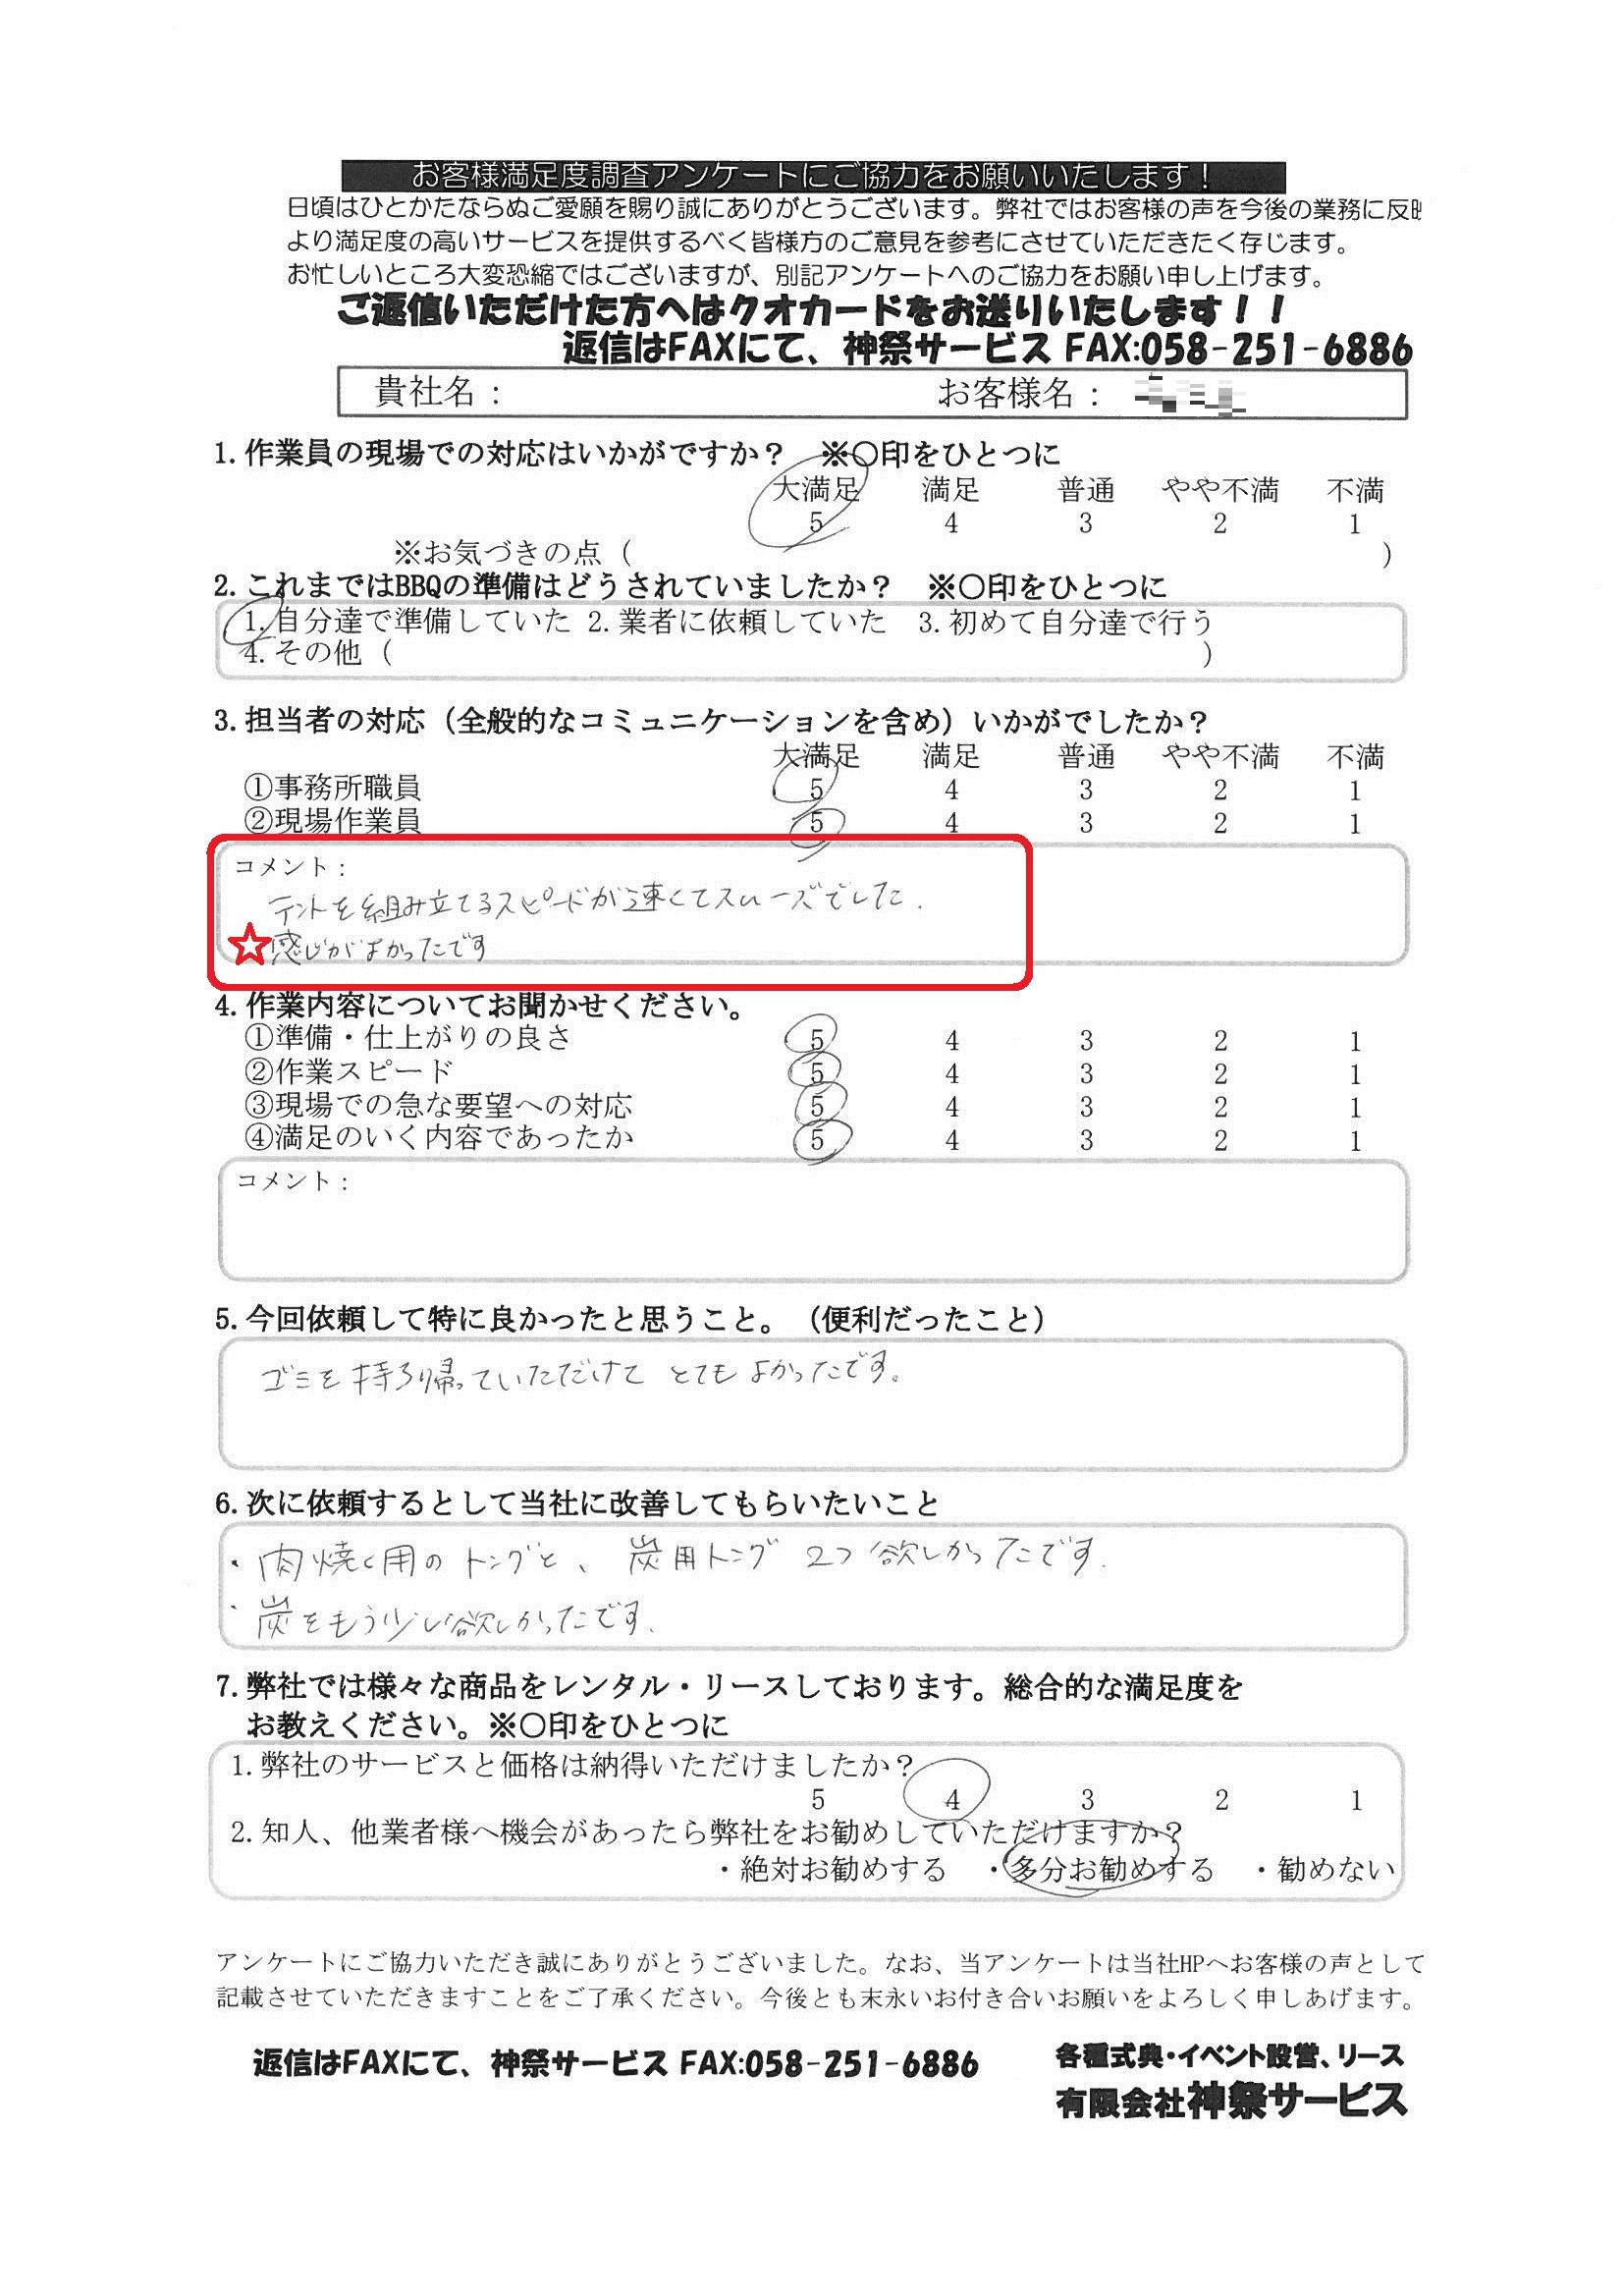 2015.6.26 庄内緑地 BBQ 秋本様